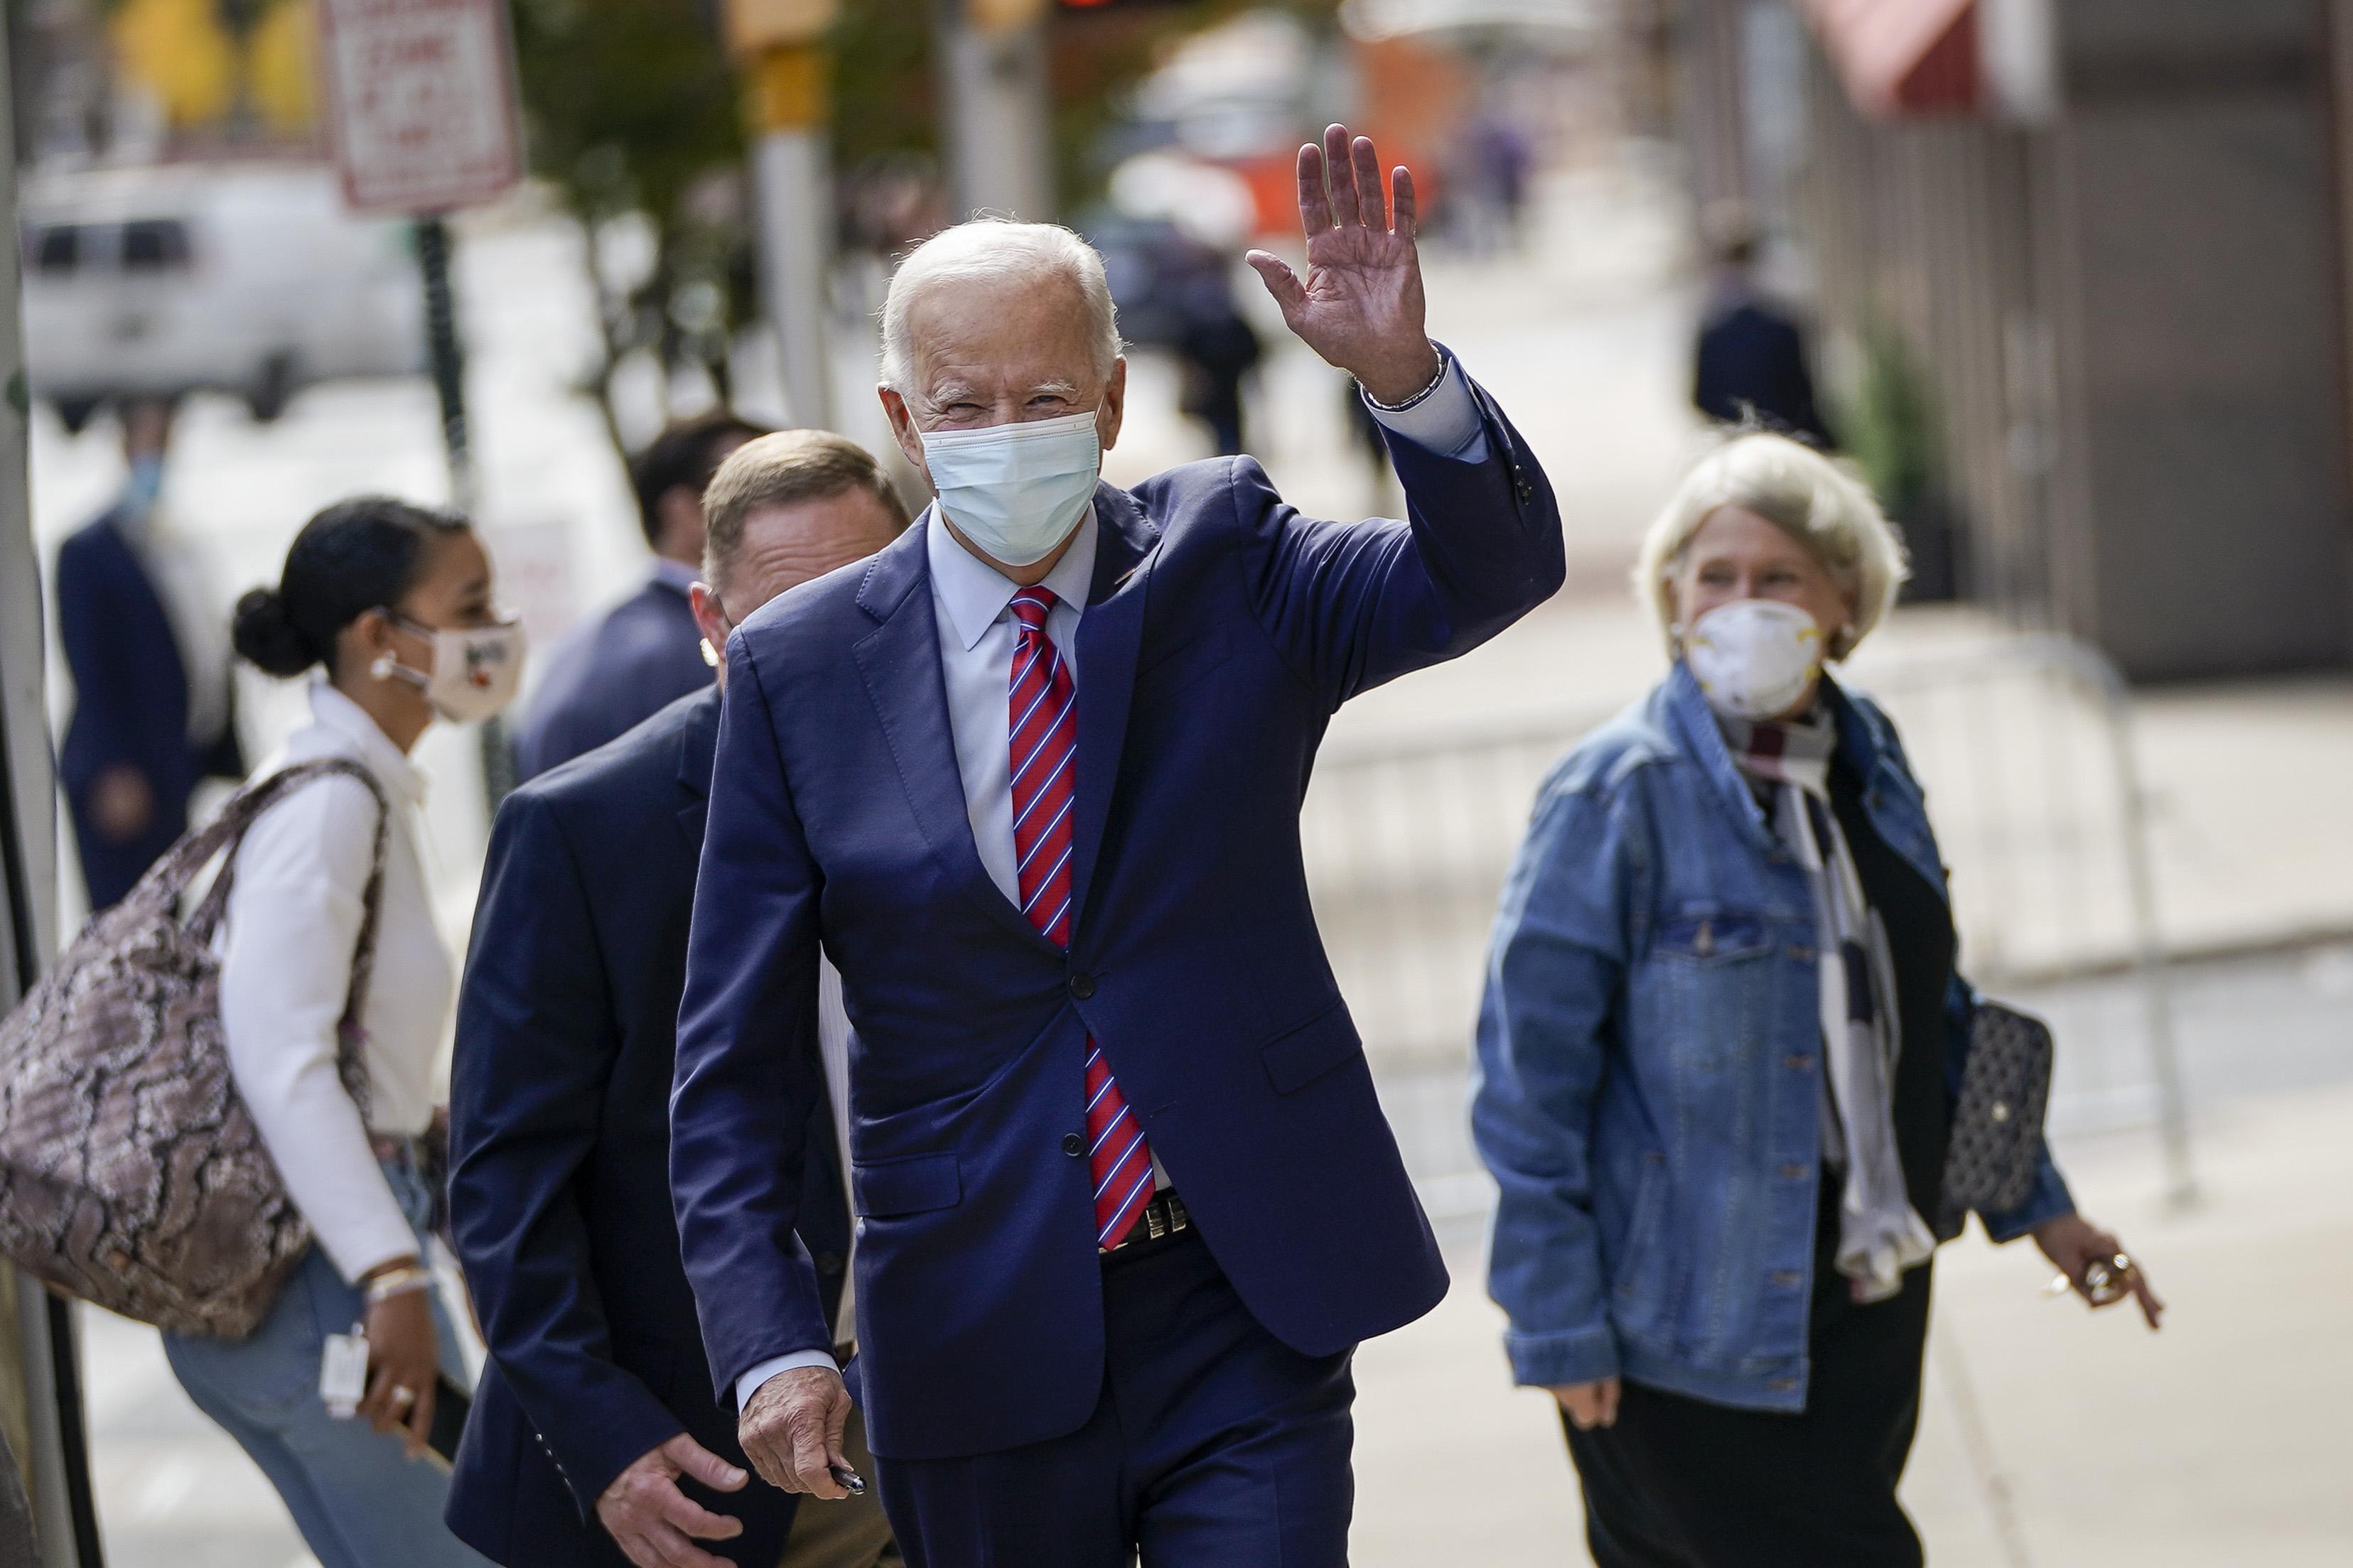 Democratic presidential nominee Joe Biden waves as he departs The Queen theater on October 19, 2020 in Wilmington, Delaware.